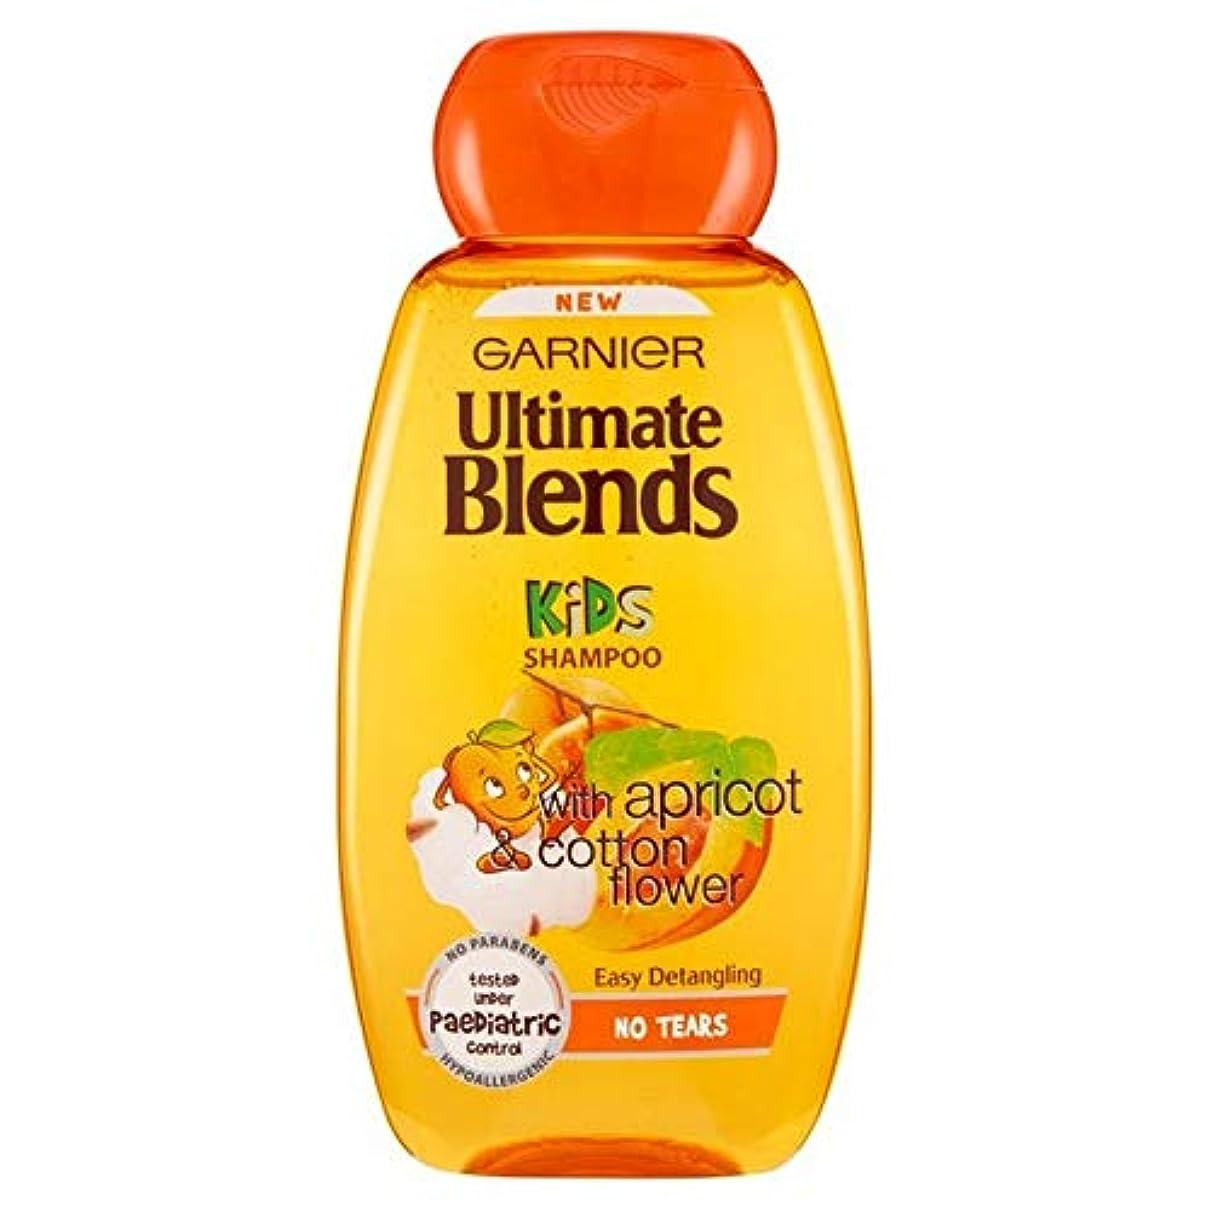 赤道女性消費[Garnier ] ガルニエ究極のブレンド子供用アプリコット&コットンフラワーシャンプー250Ml - Garnier Ultimate Blends Kids Apricot & Cotton Flower Shampoo 250ml [並行輸入品]